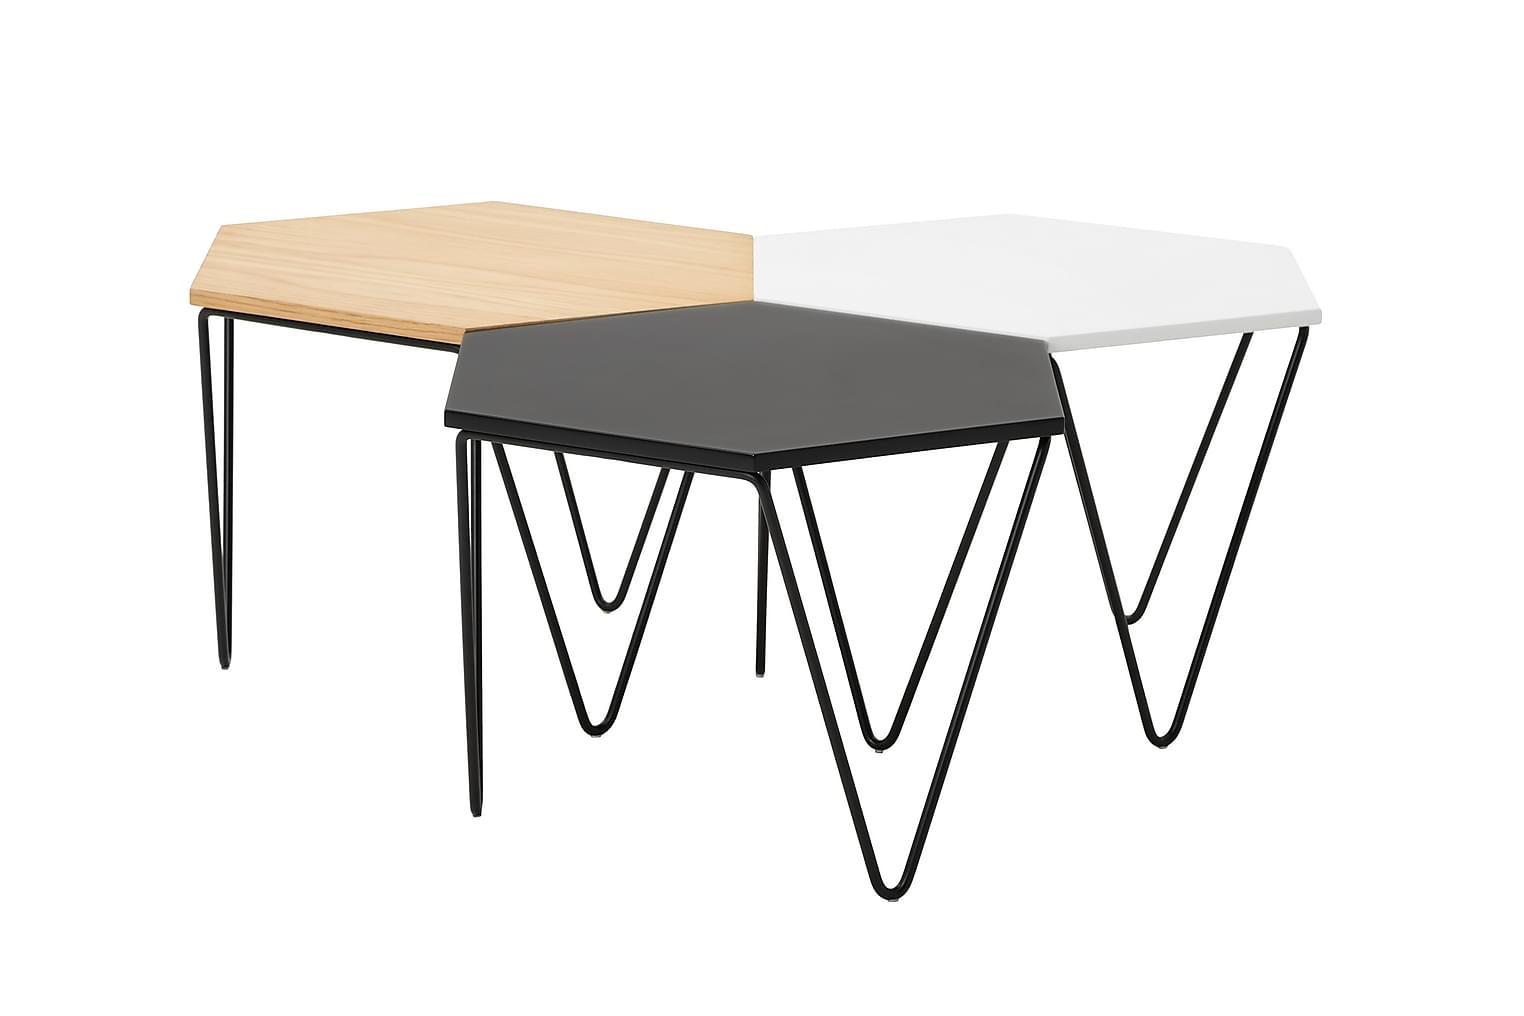 CAROL Sohvapöytä 60 3-paketti Tammi/Musta